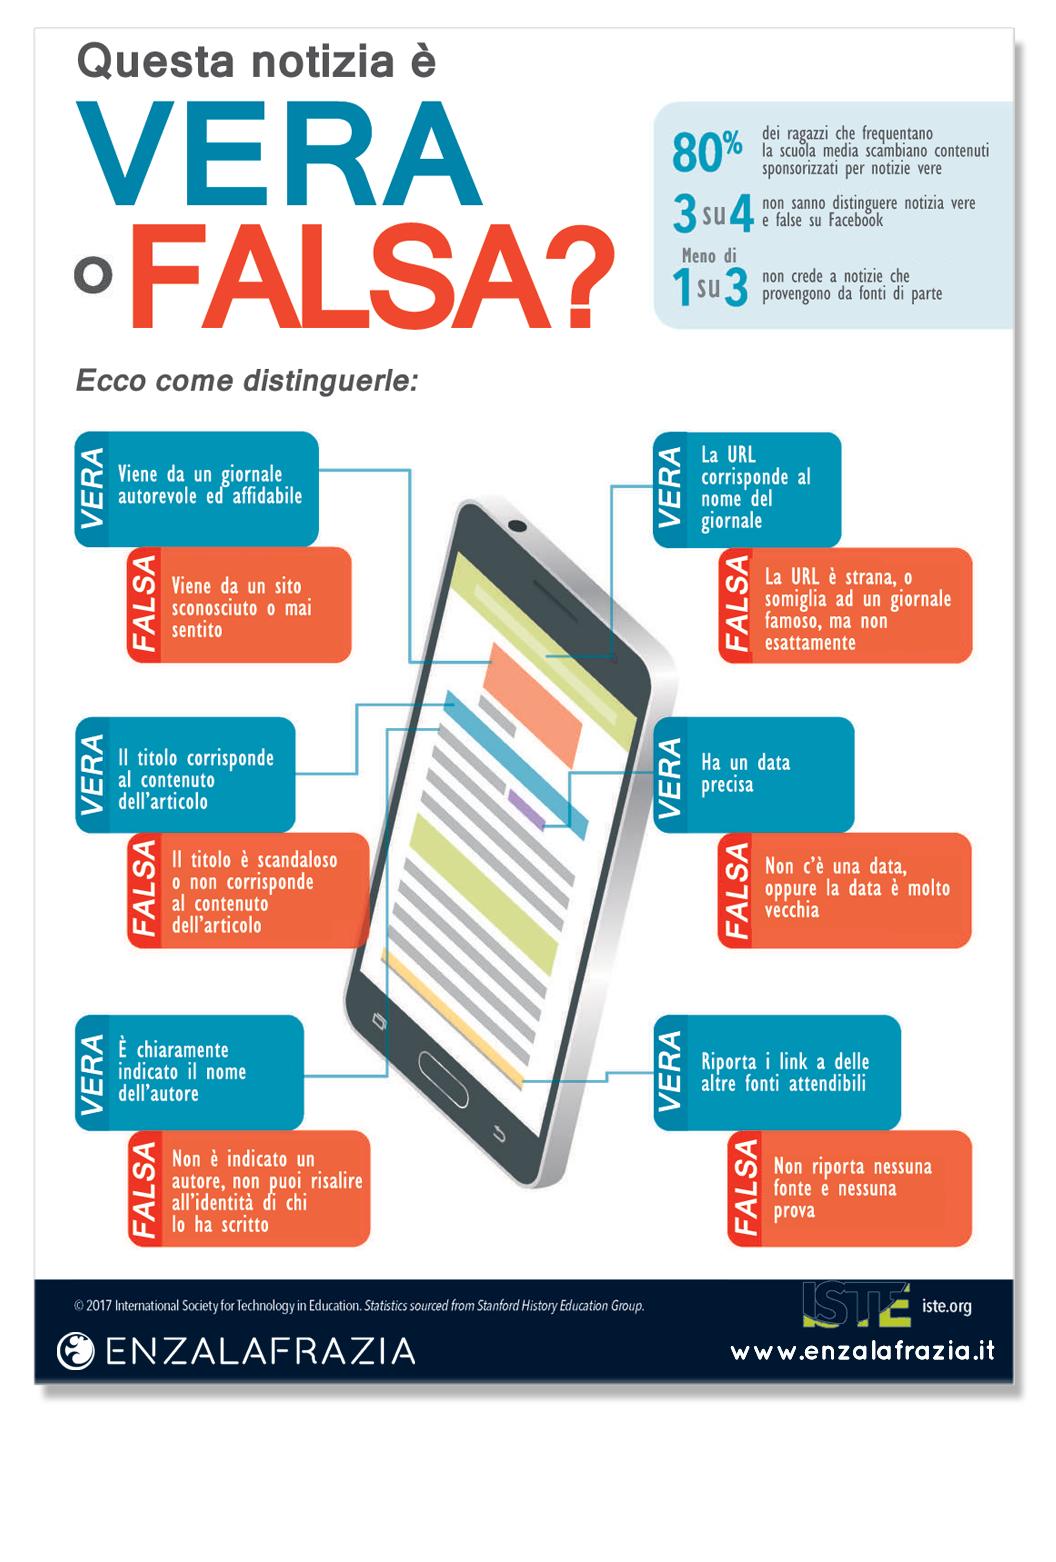 INFOGRAFICA: Come distinguere una notizia vera da una falsa